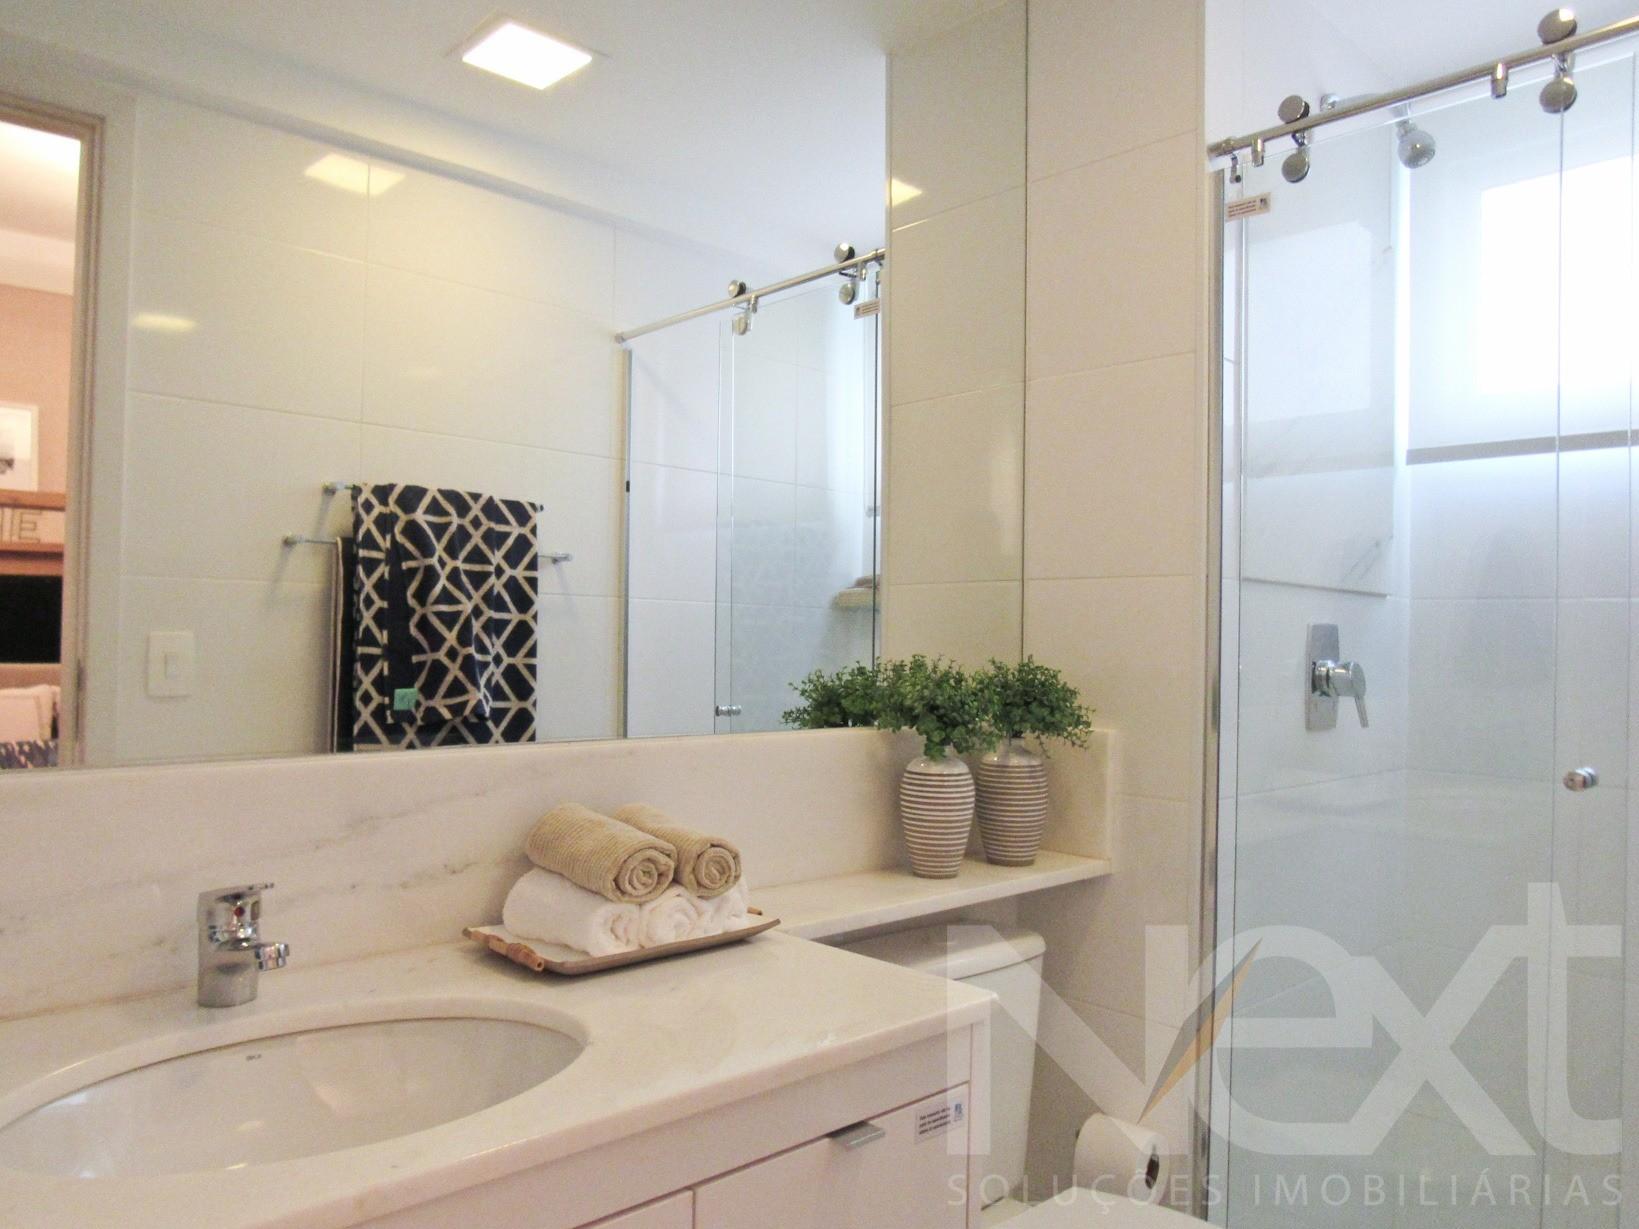 Apartamento de 3 dormitórios à venda em Galleria, Campinas - SP